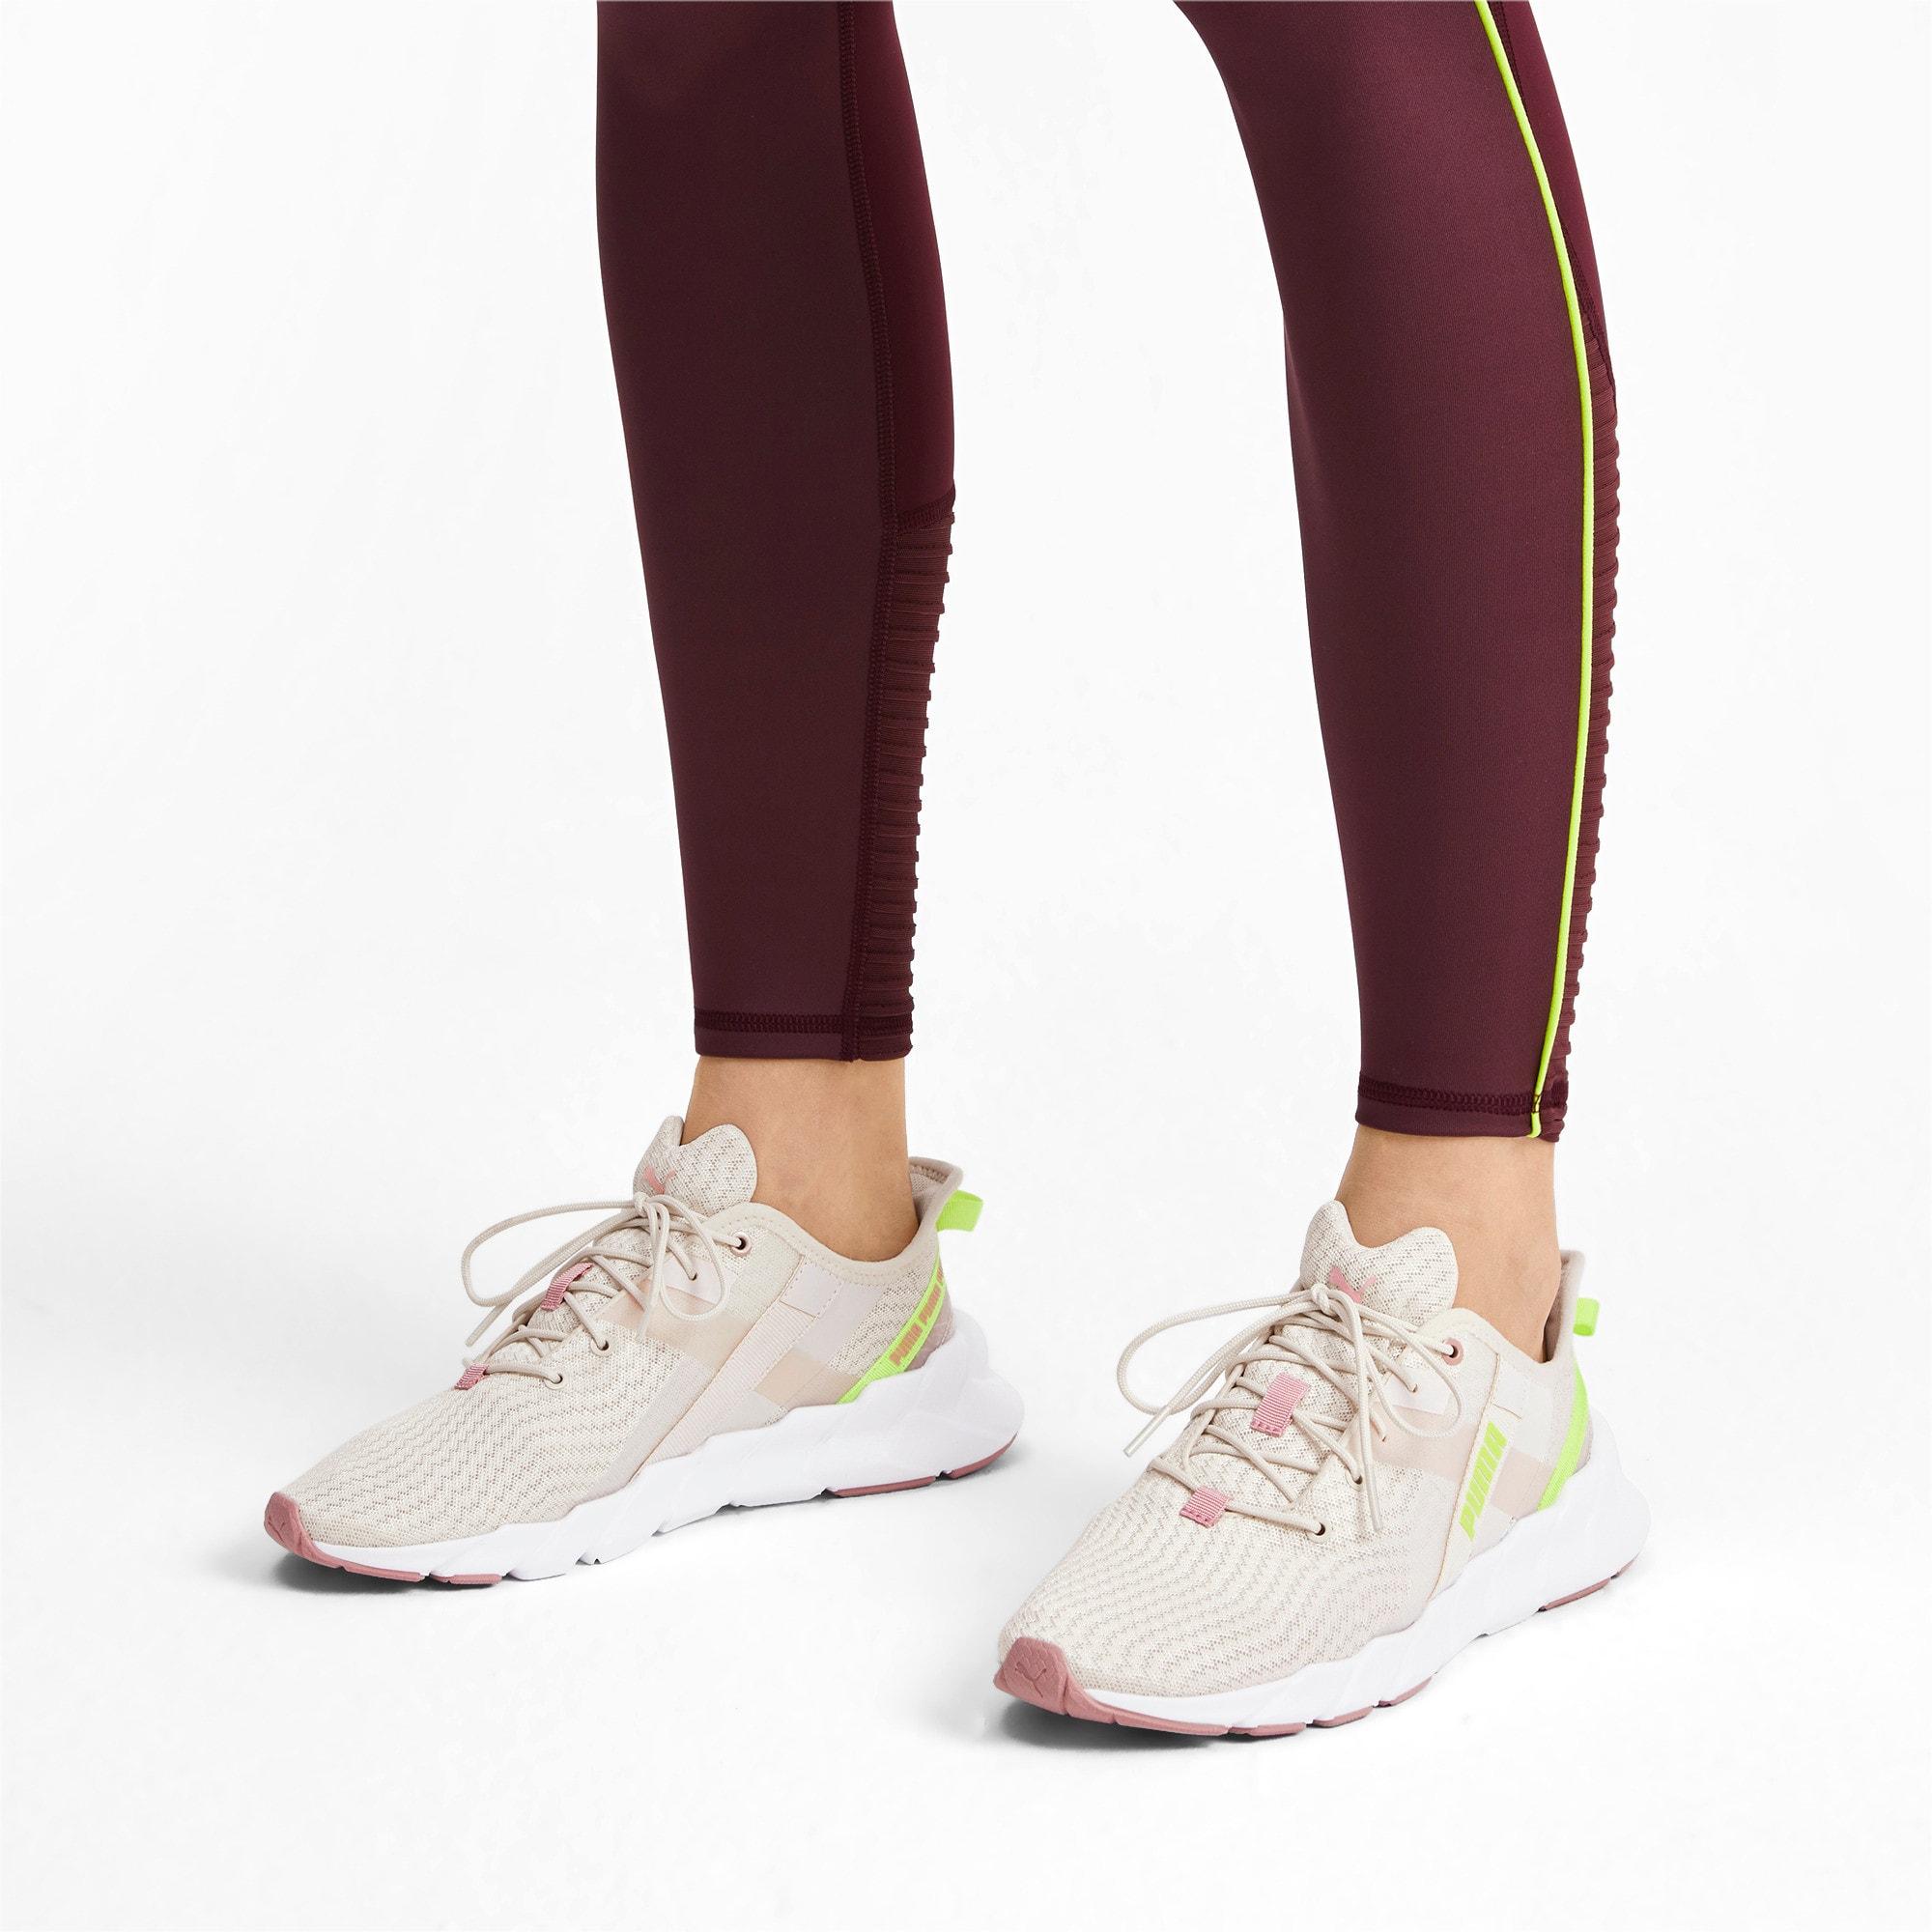 Thumbnail 2 of Weave Shift XT Women's Training Shoes, Pastel Parchment-Puma White, medium